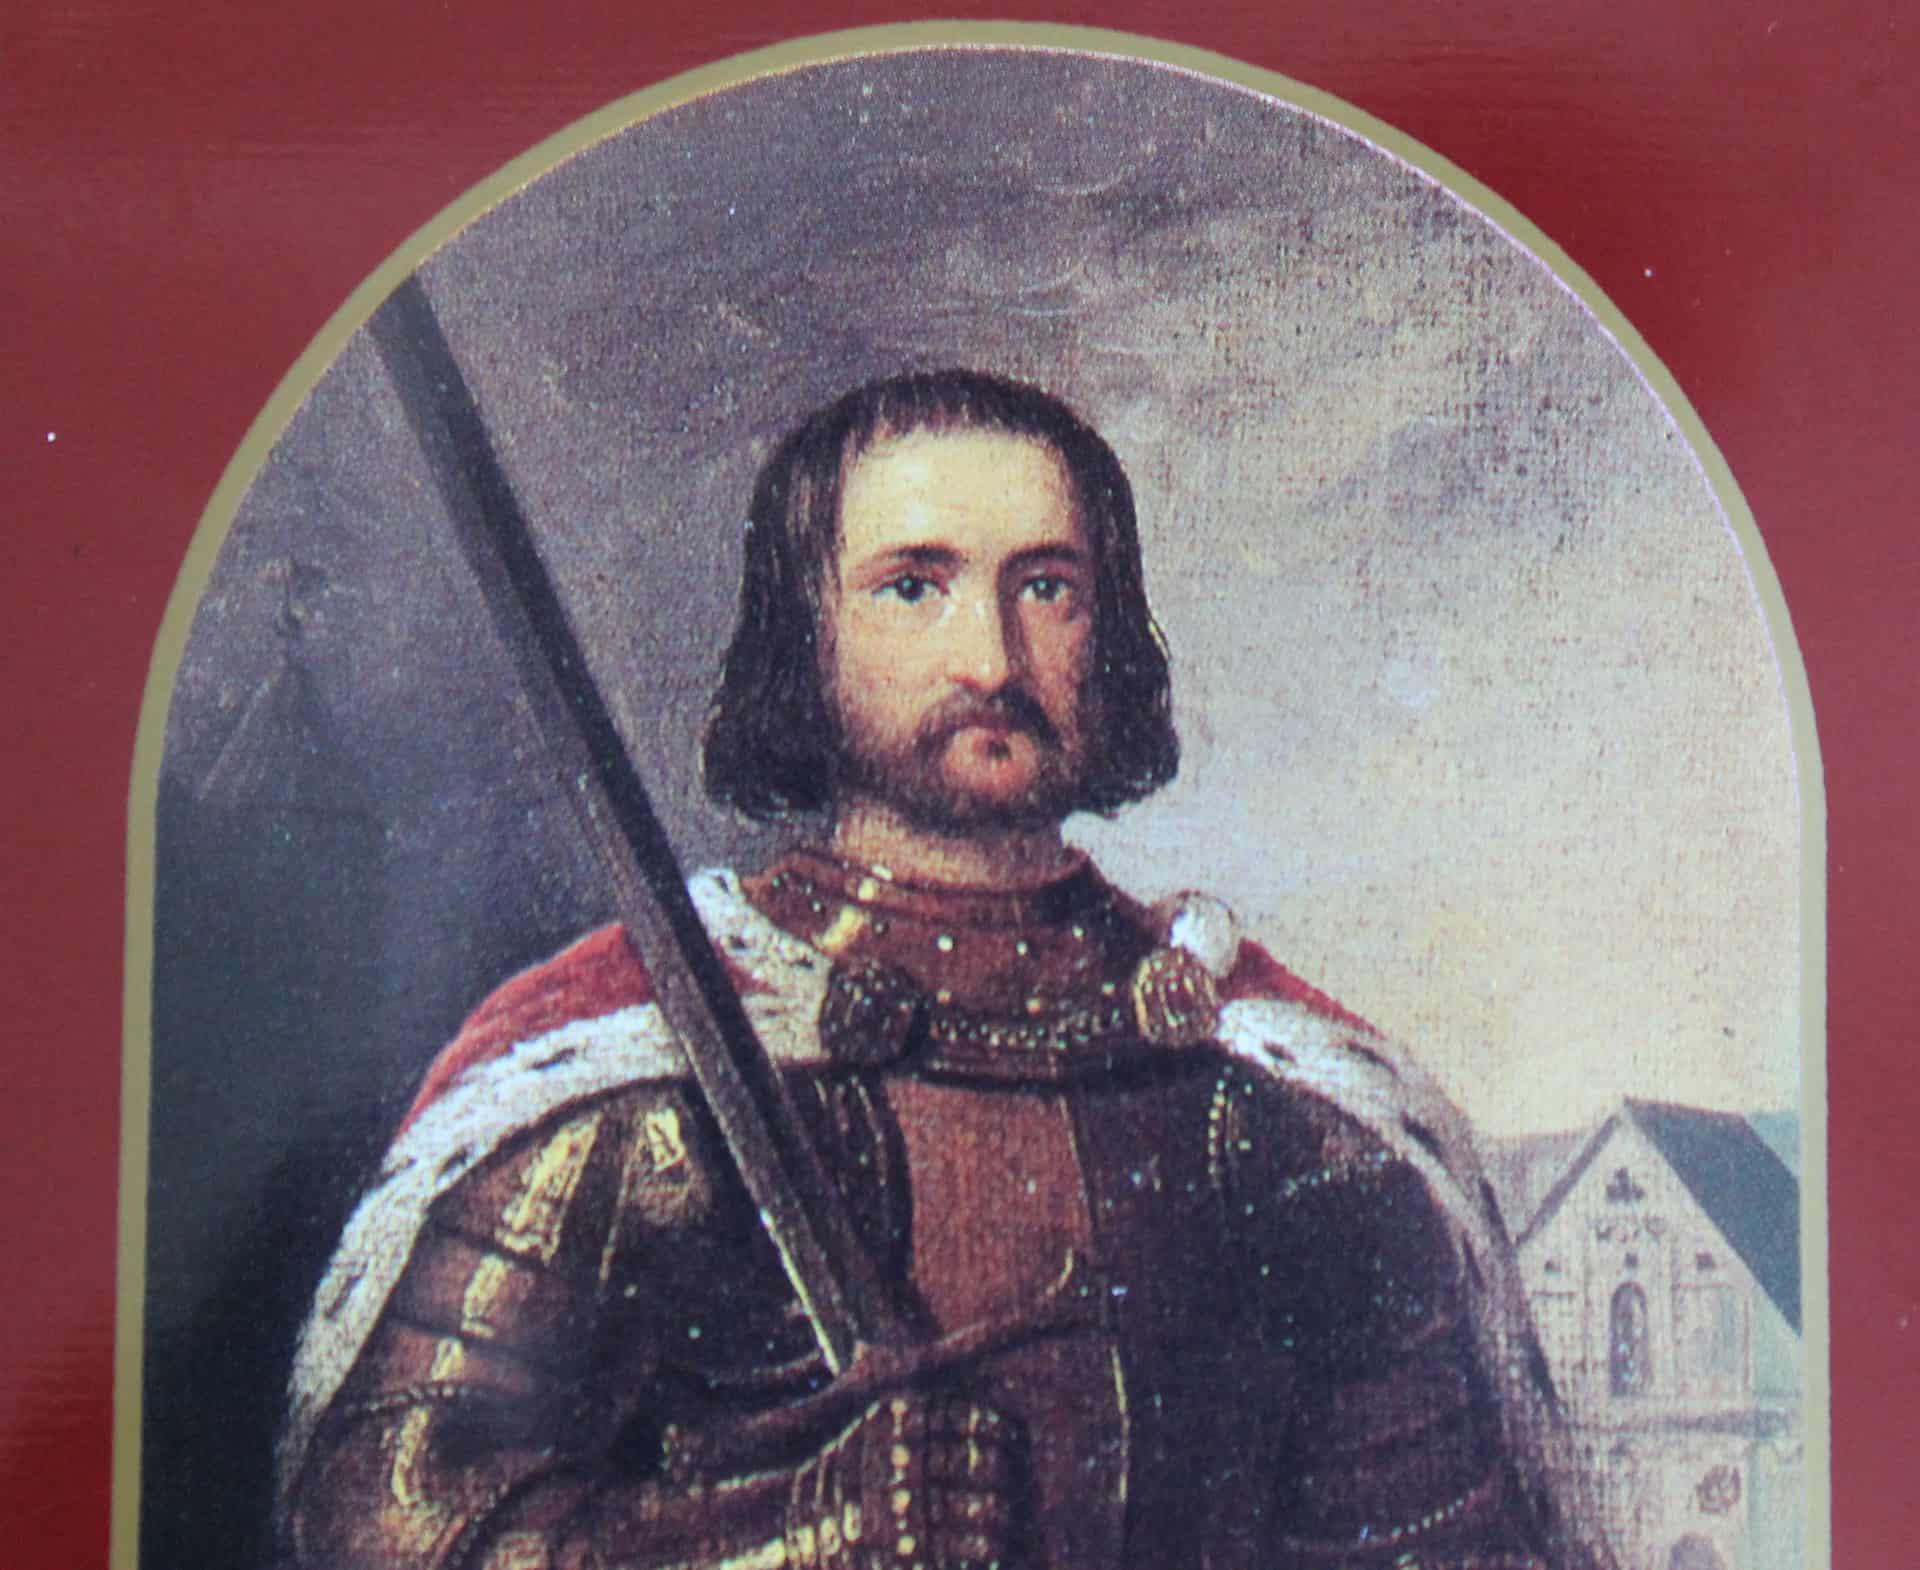 Heinrich der Löwe. Foto: Der Löwe